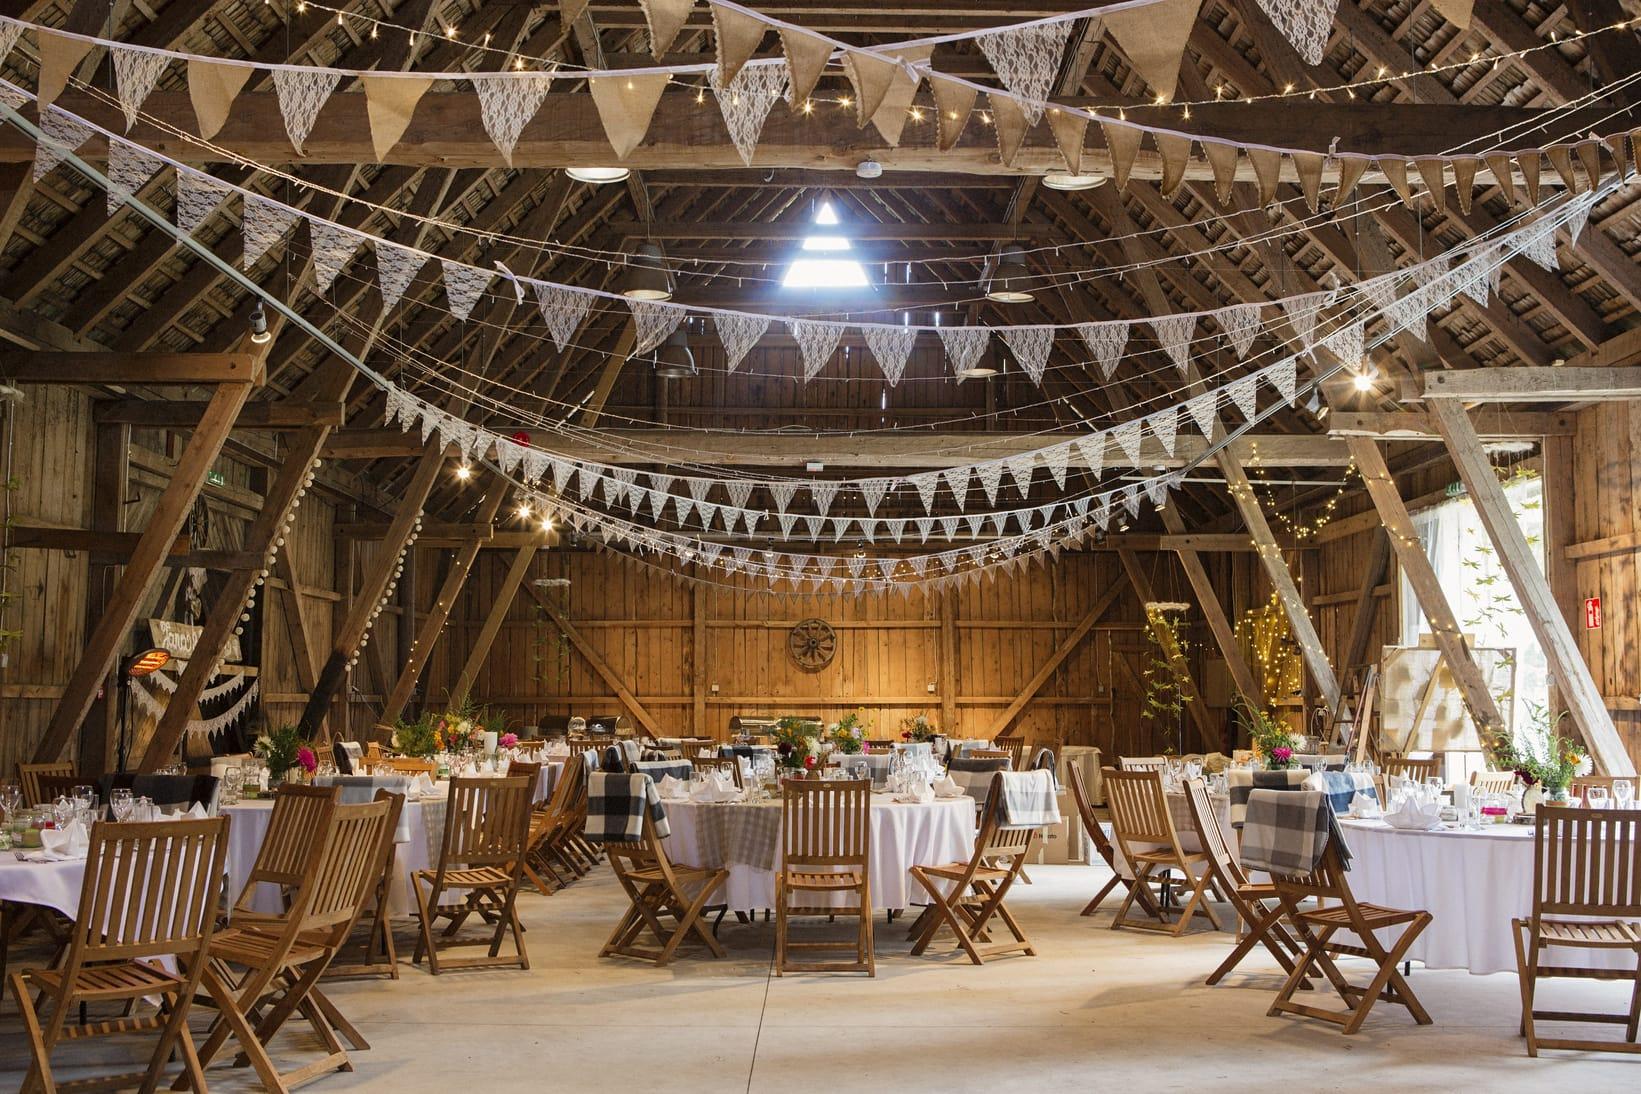 30 Amazing Barn Wedding Ideas - Rhythm of the Home